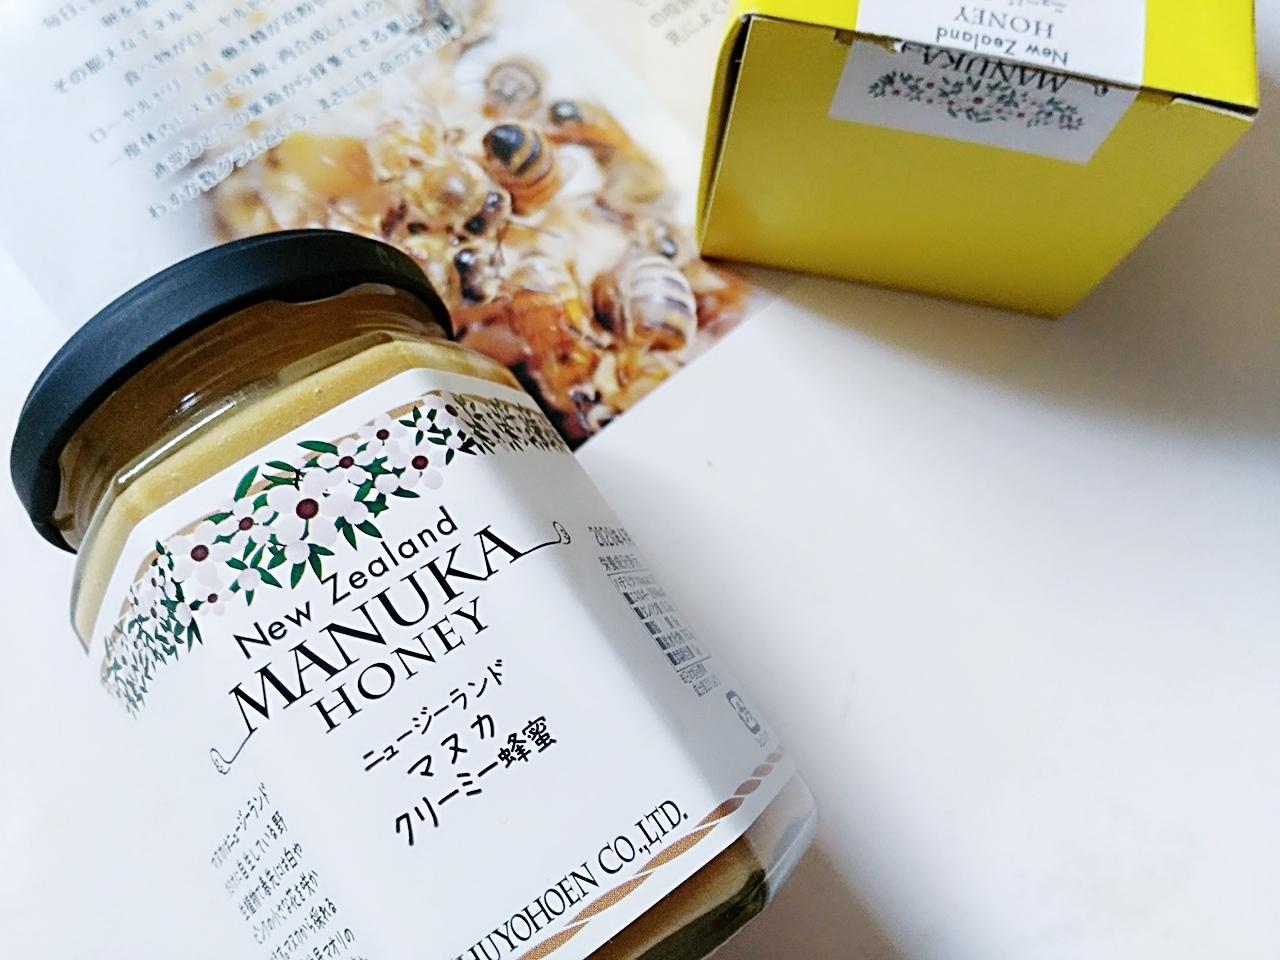 まるで生キャラメル⁉【マヌカクリーミー蜂蜜】ならマヌカ初心者でも美味しくマヌカ生活が始められます